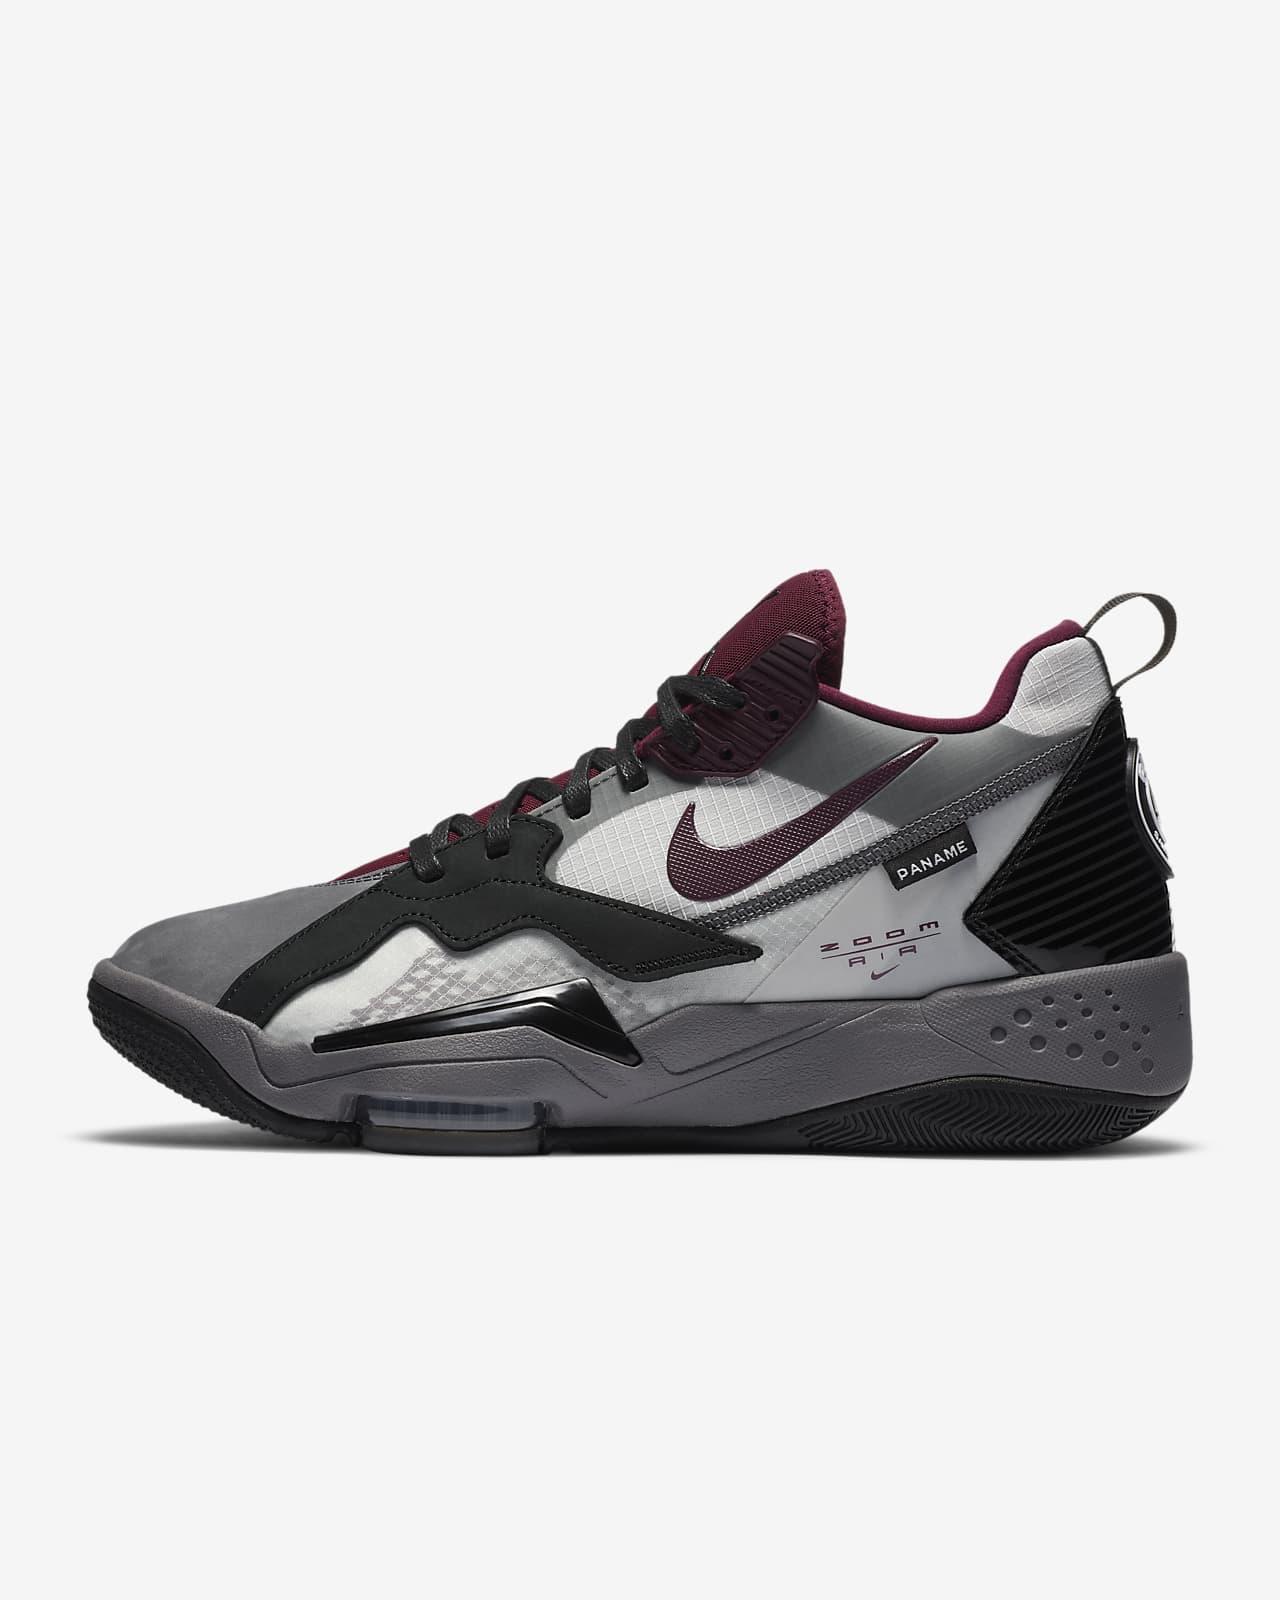 Jordan Zoom '92 PSG 男子运动鞋